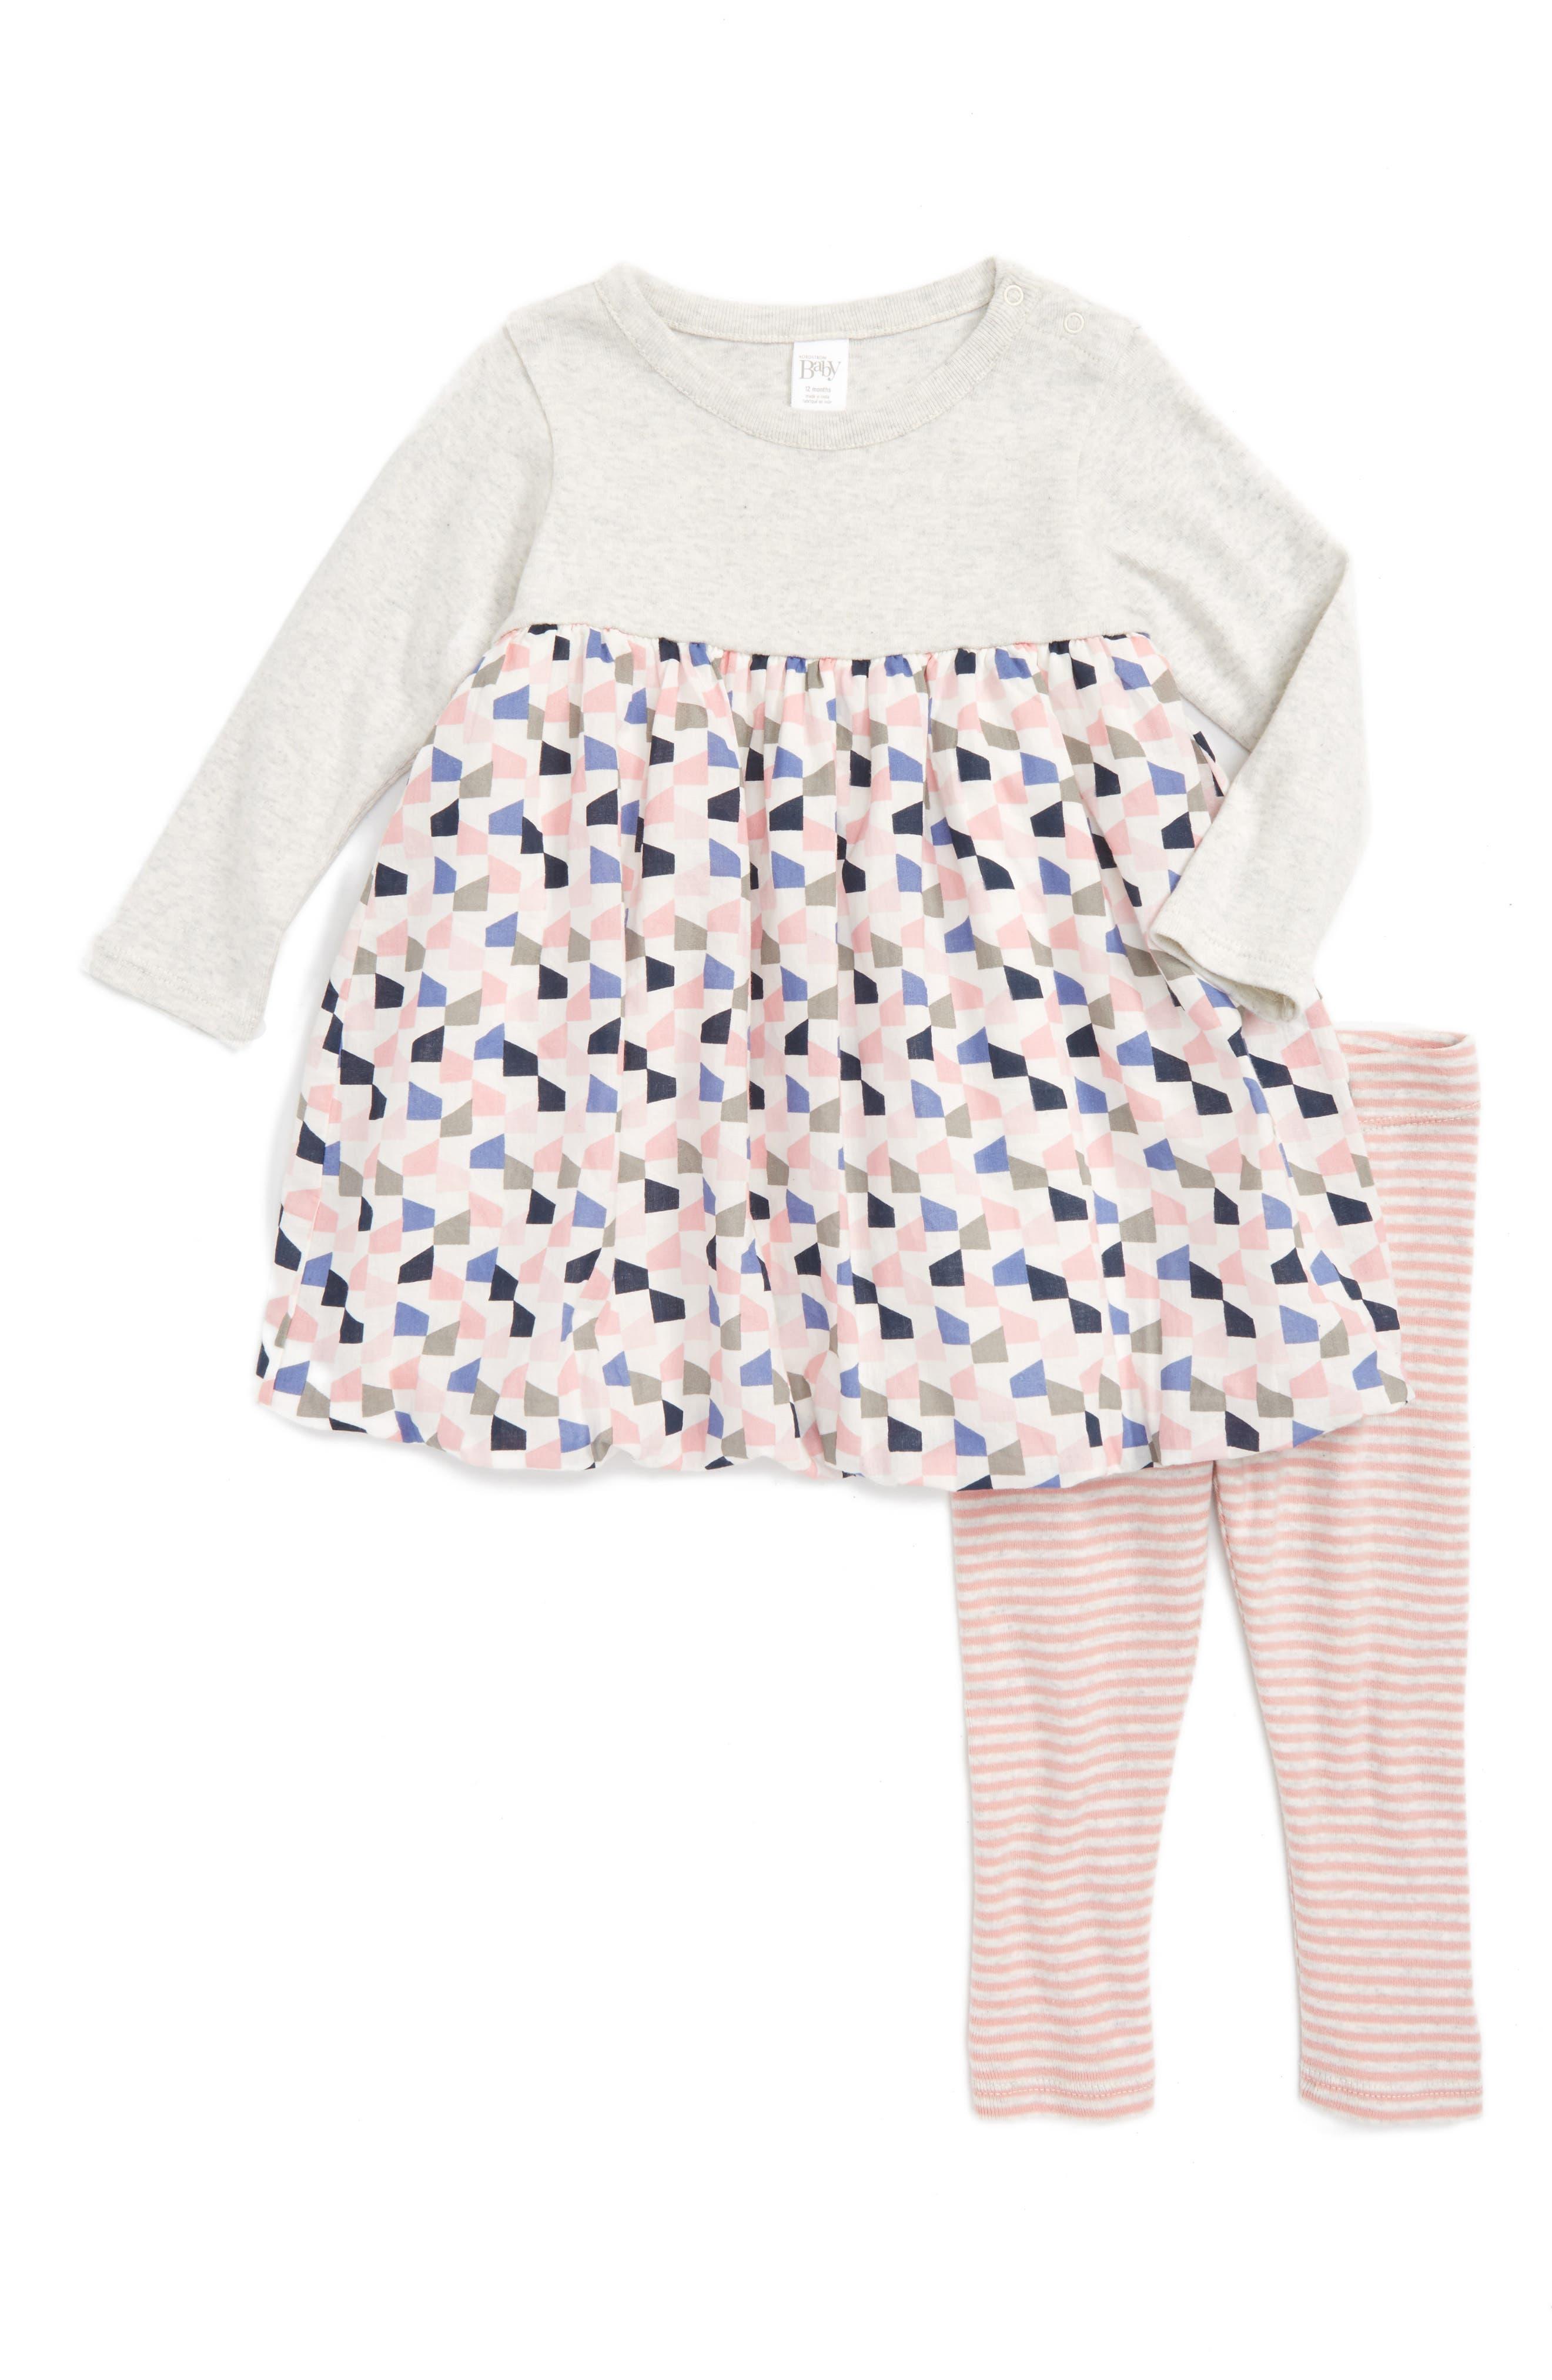 NORDSTROM BABY Dress & Leggings Set